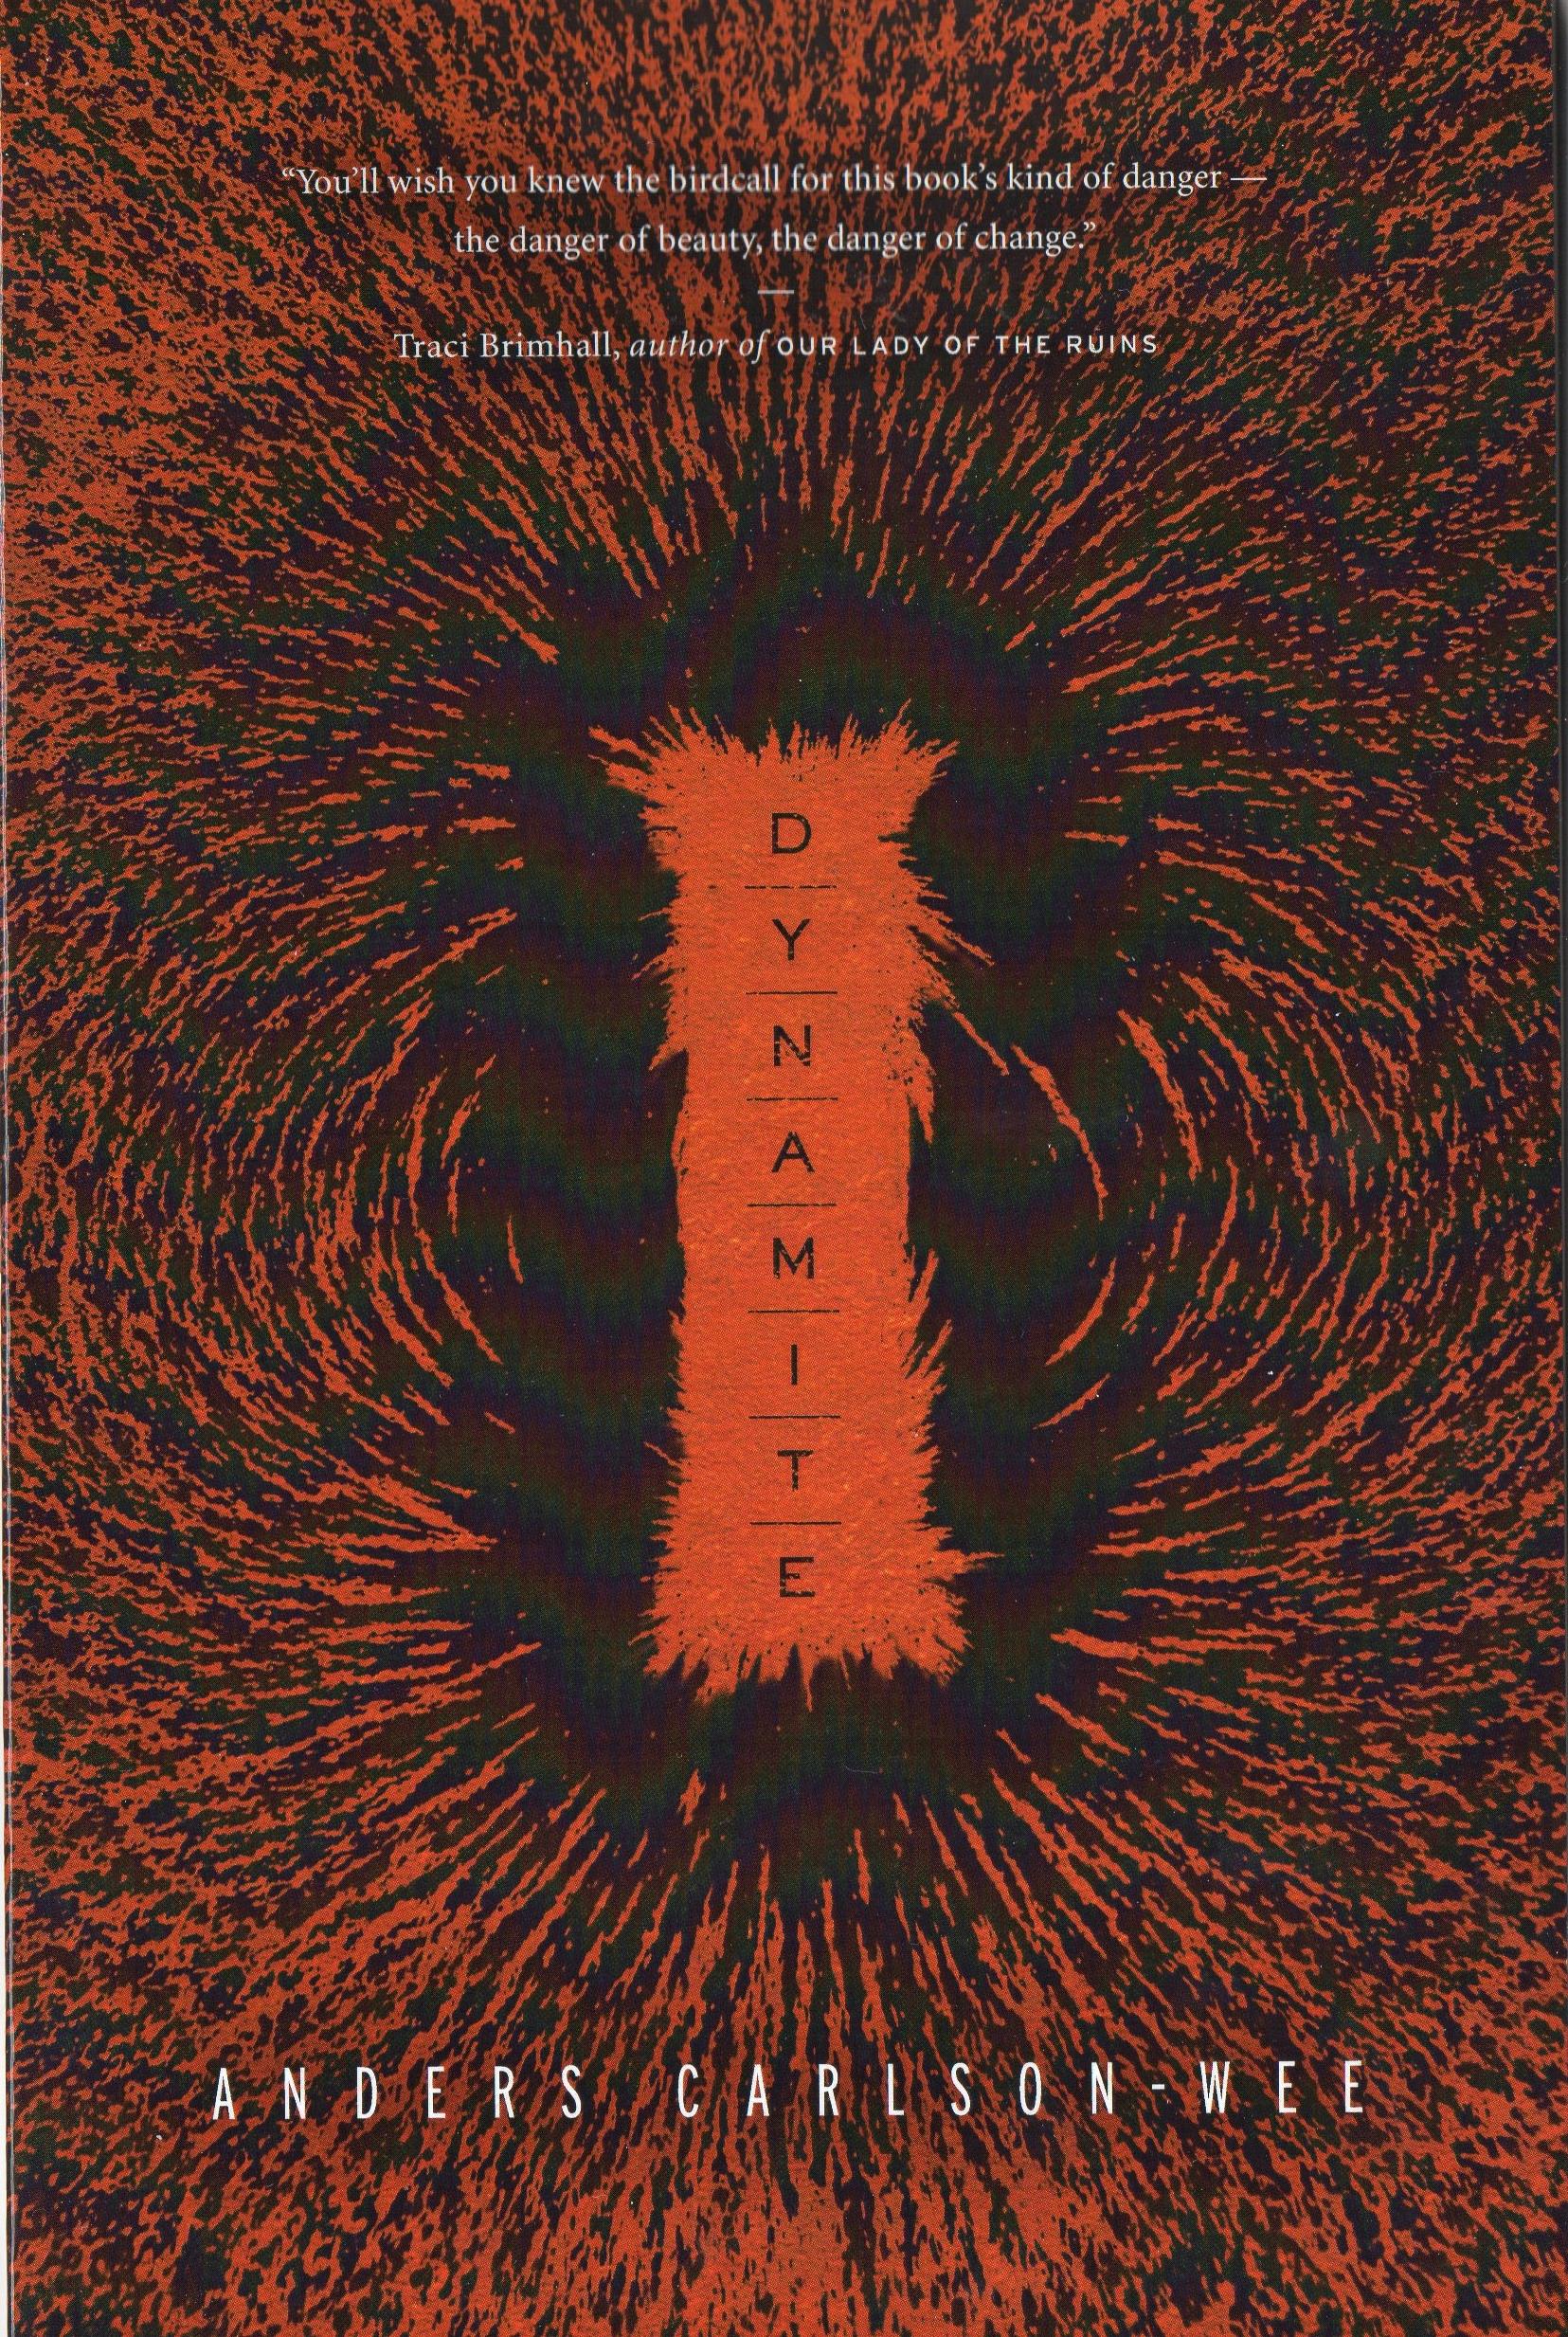 Dynamite by Anders Carlson-Wee